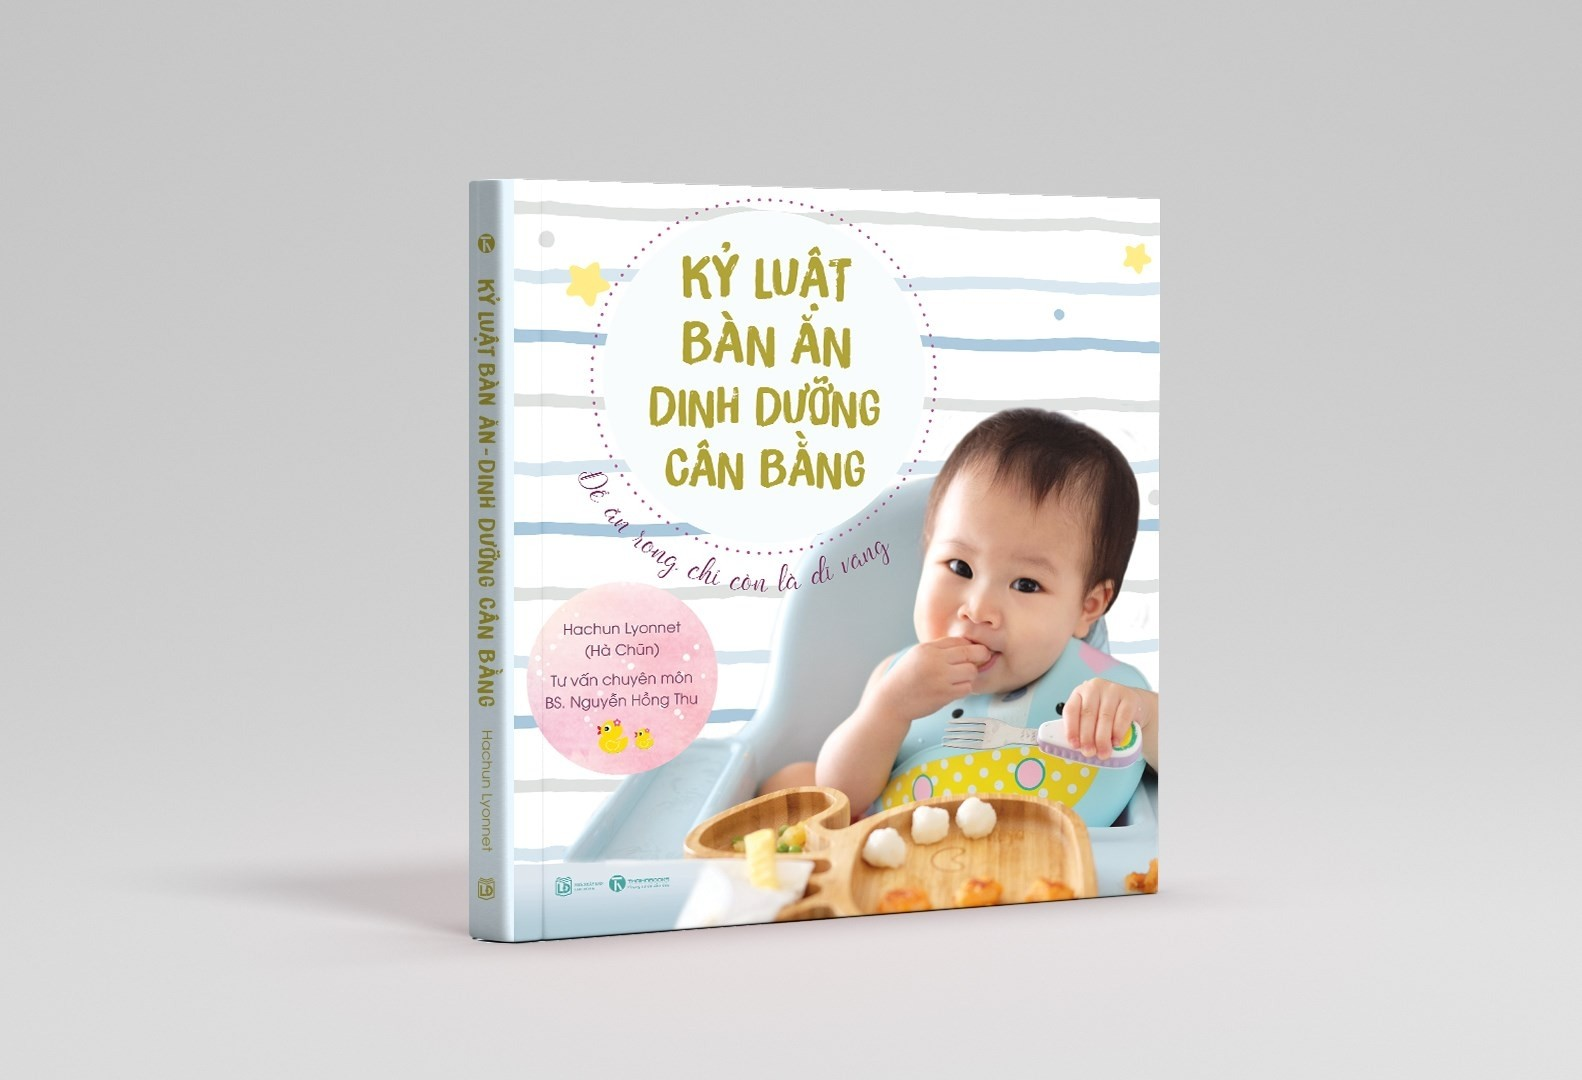 Gối đầu giường 5 cuốn sách về dinh dưỡng này cho bé, đảm bảo mẹ vui vẻ, con khoẻ re suốt mùa dịch - Ảnh 1.